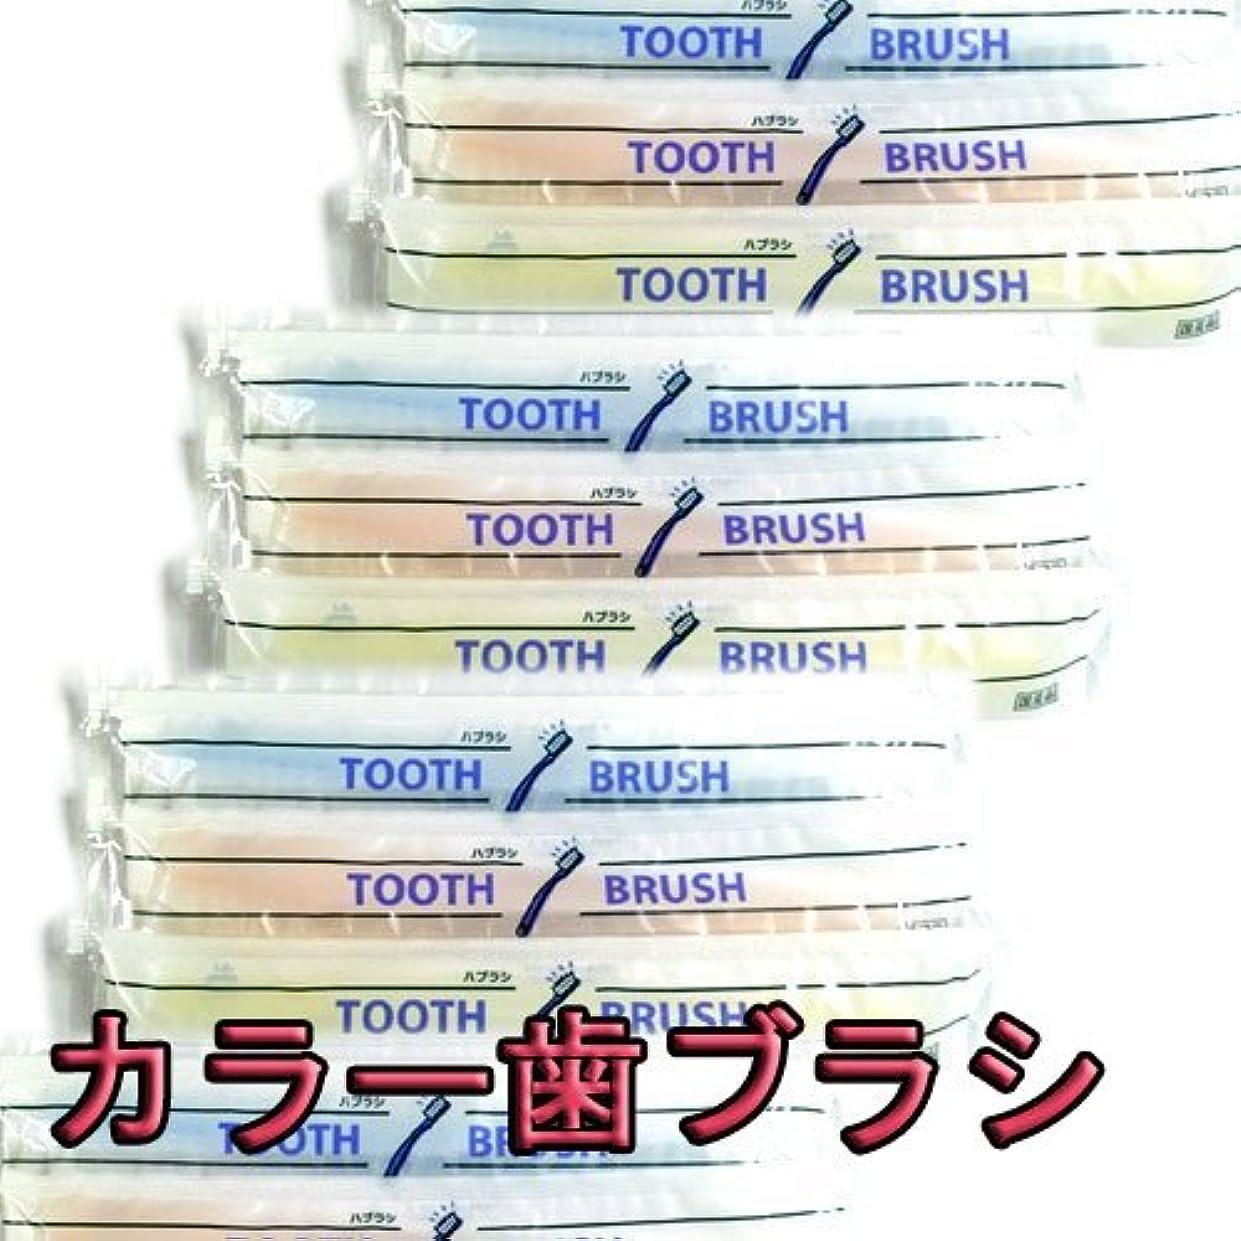 ディレイ敬メンダシティ使い捨て(インスタント) 粉付き歯ブラシ(10本組)(旅行用?お客様用に) 増量中 日本製